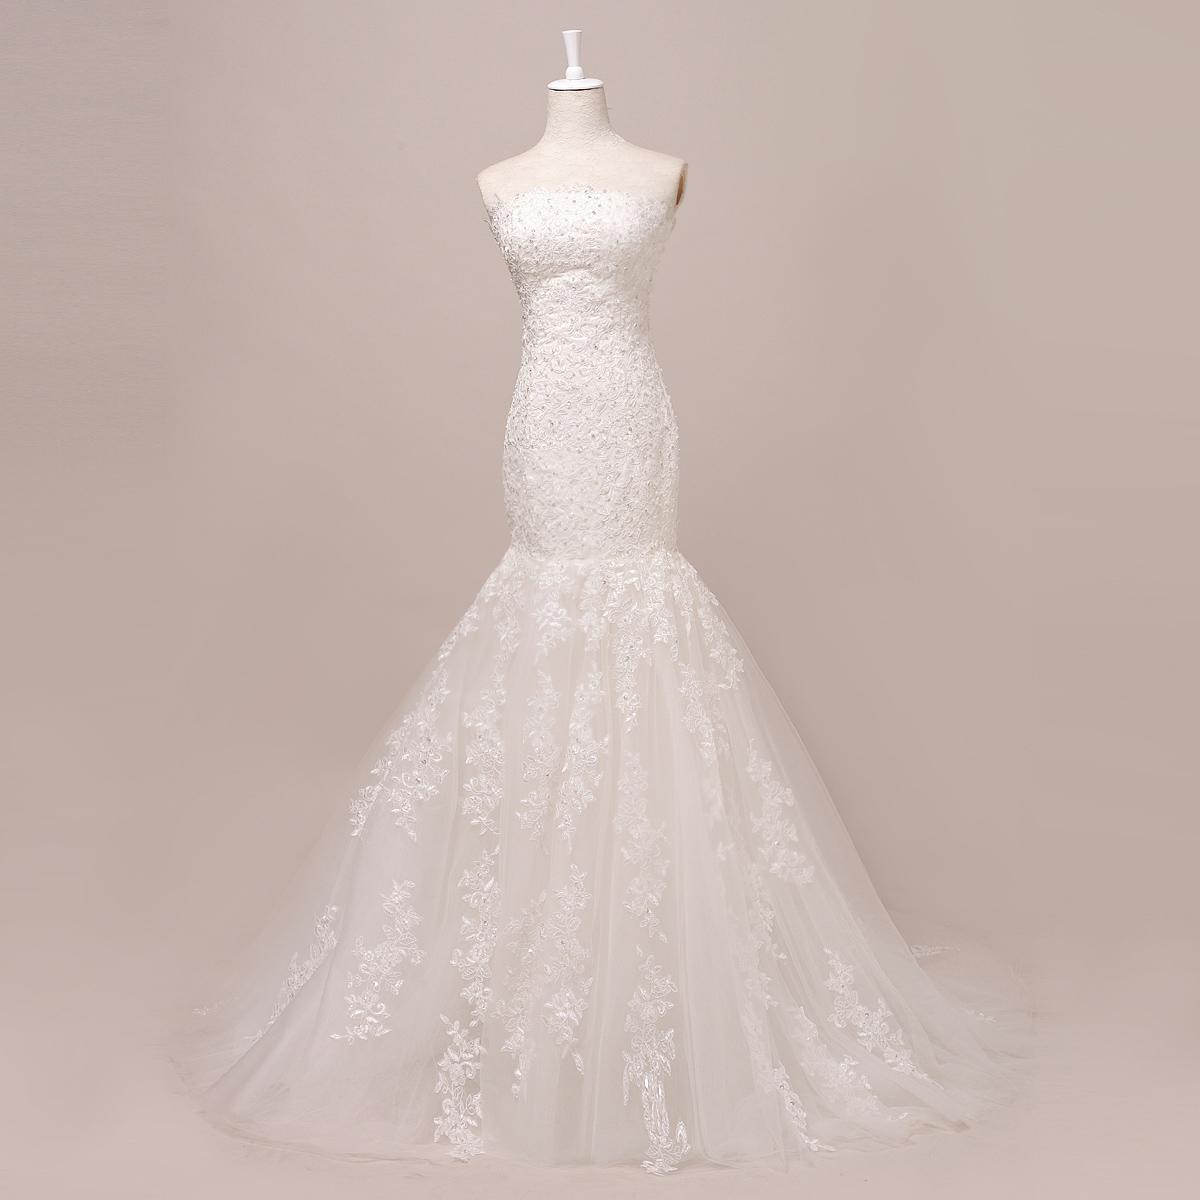 2013新款预售 修身 小拖尾  尊贵豪华塑身包臀鱼尾婚纱 拖尾婚纱